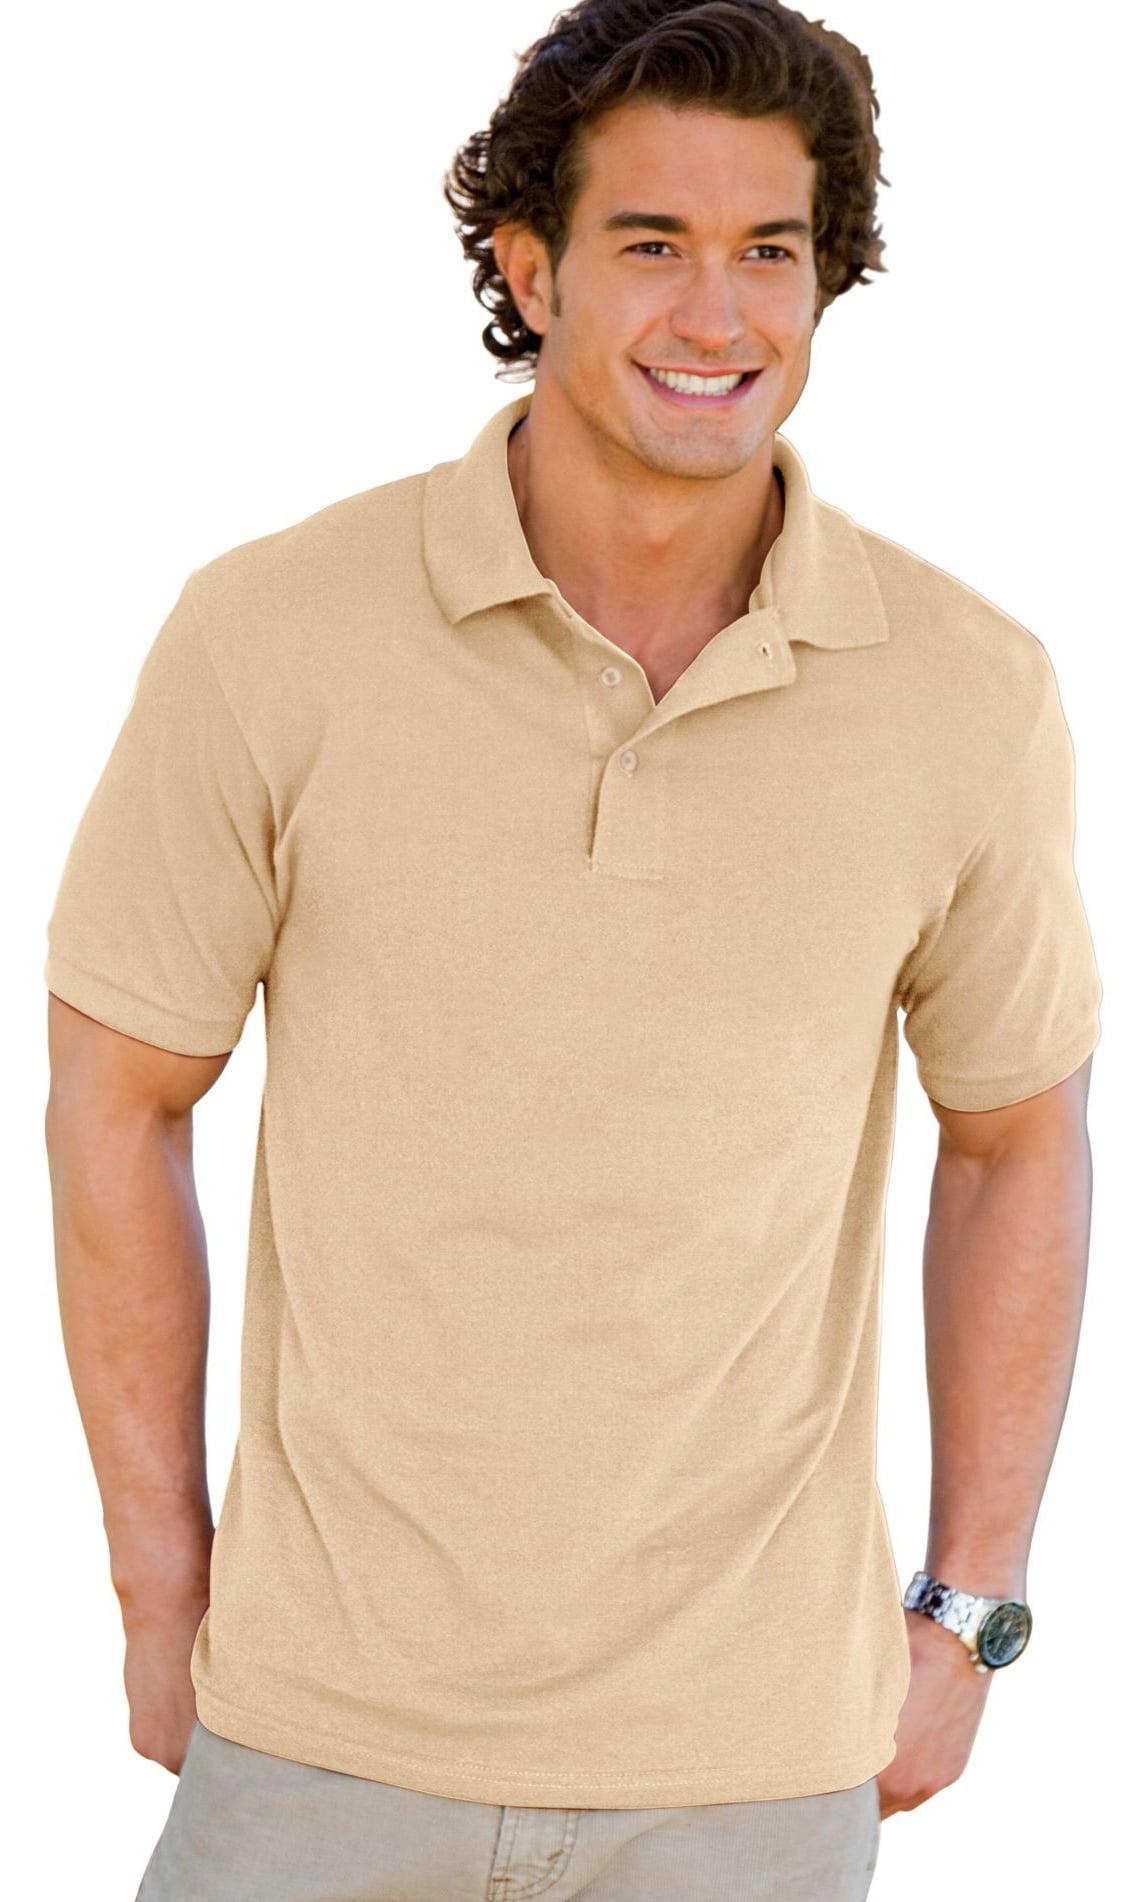 7-Ounce Pique Knit Sport Shirt Hanes ComfortSoft 055X